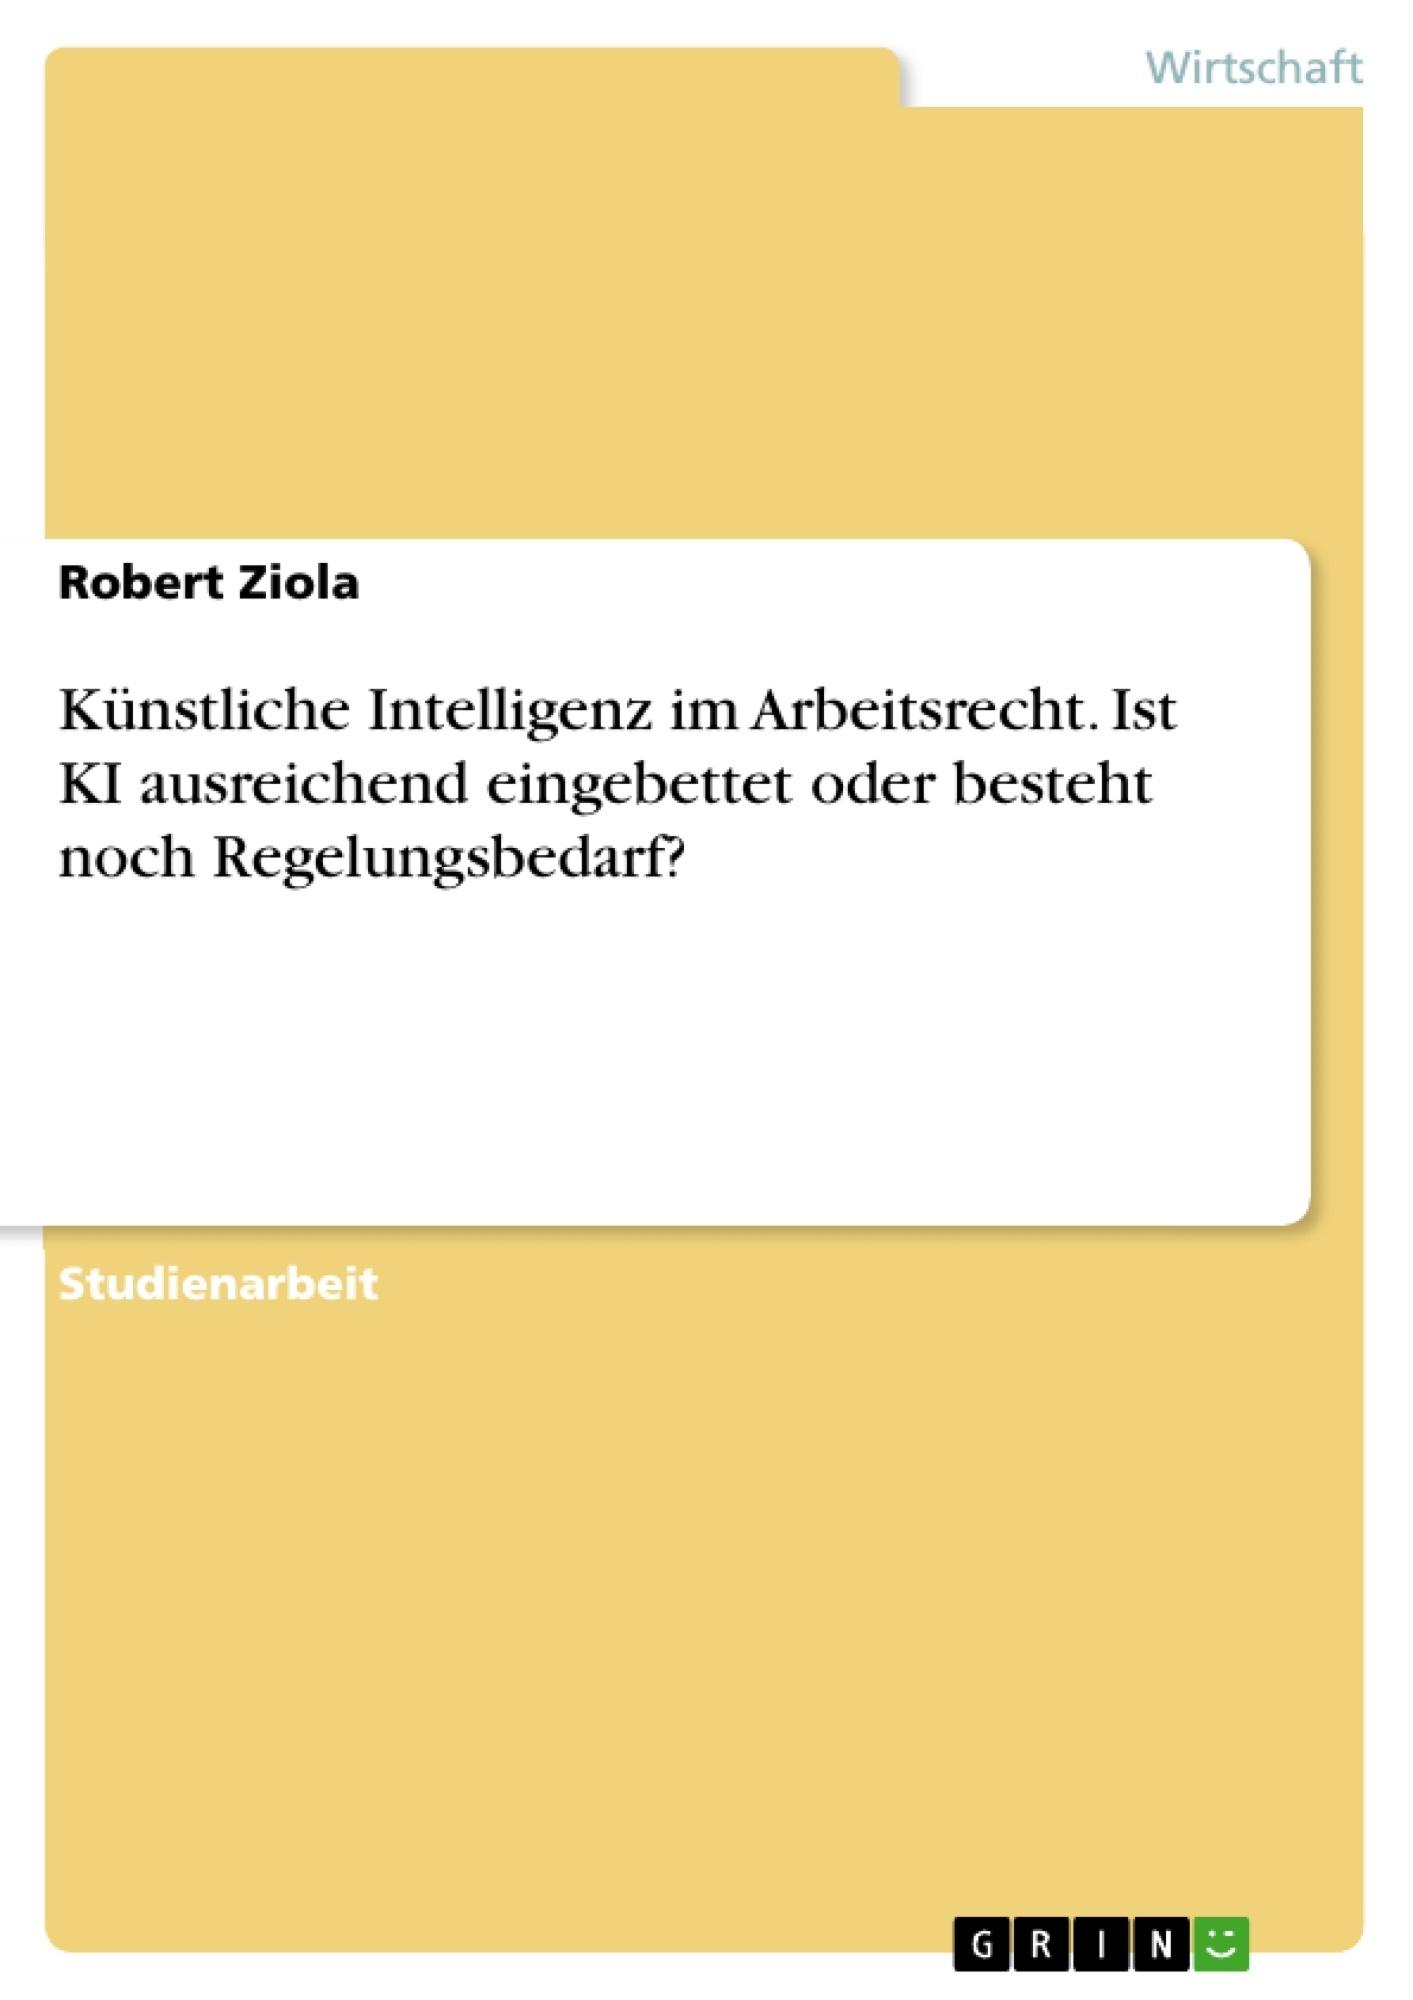 Titel: Künstliche Intelligenz im Arbeitsrecht. Ist KI ausreichend eingebettet oder besteht noch Regelungsbedarf?